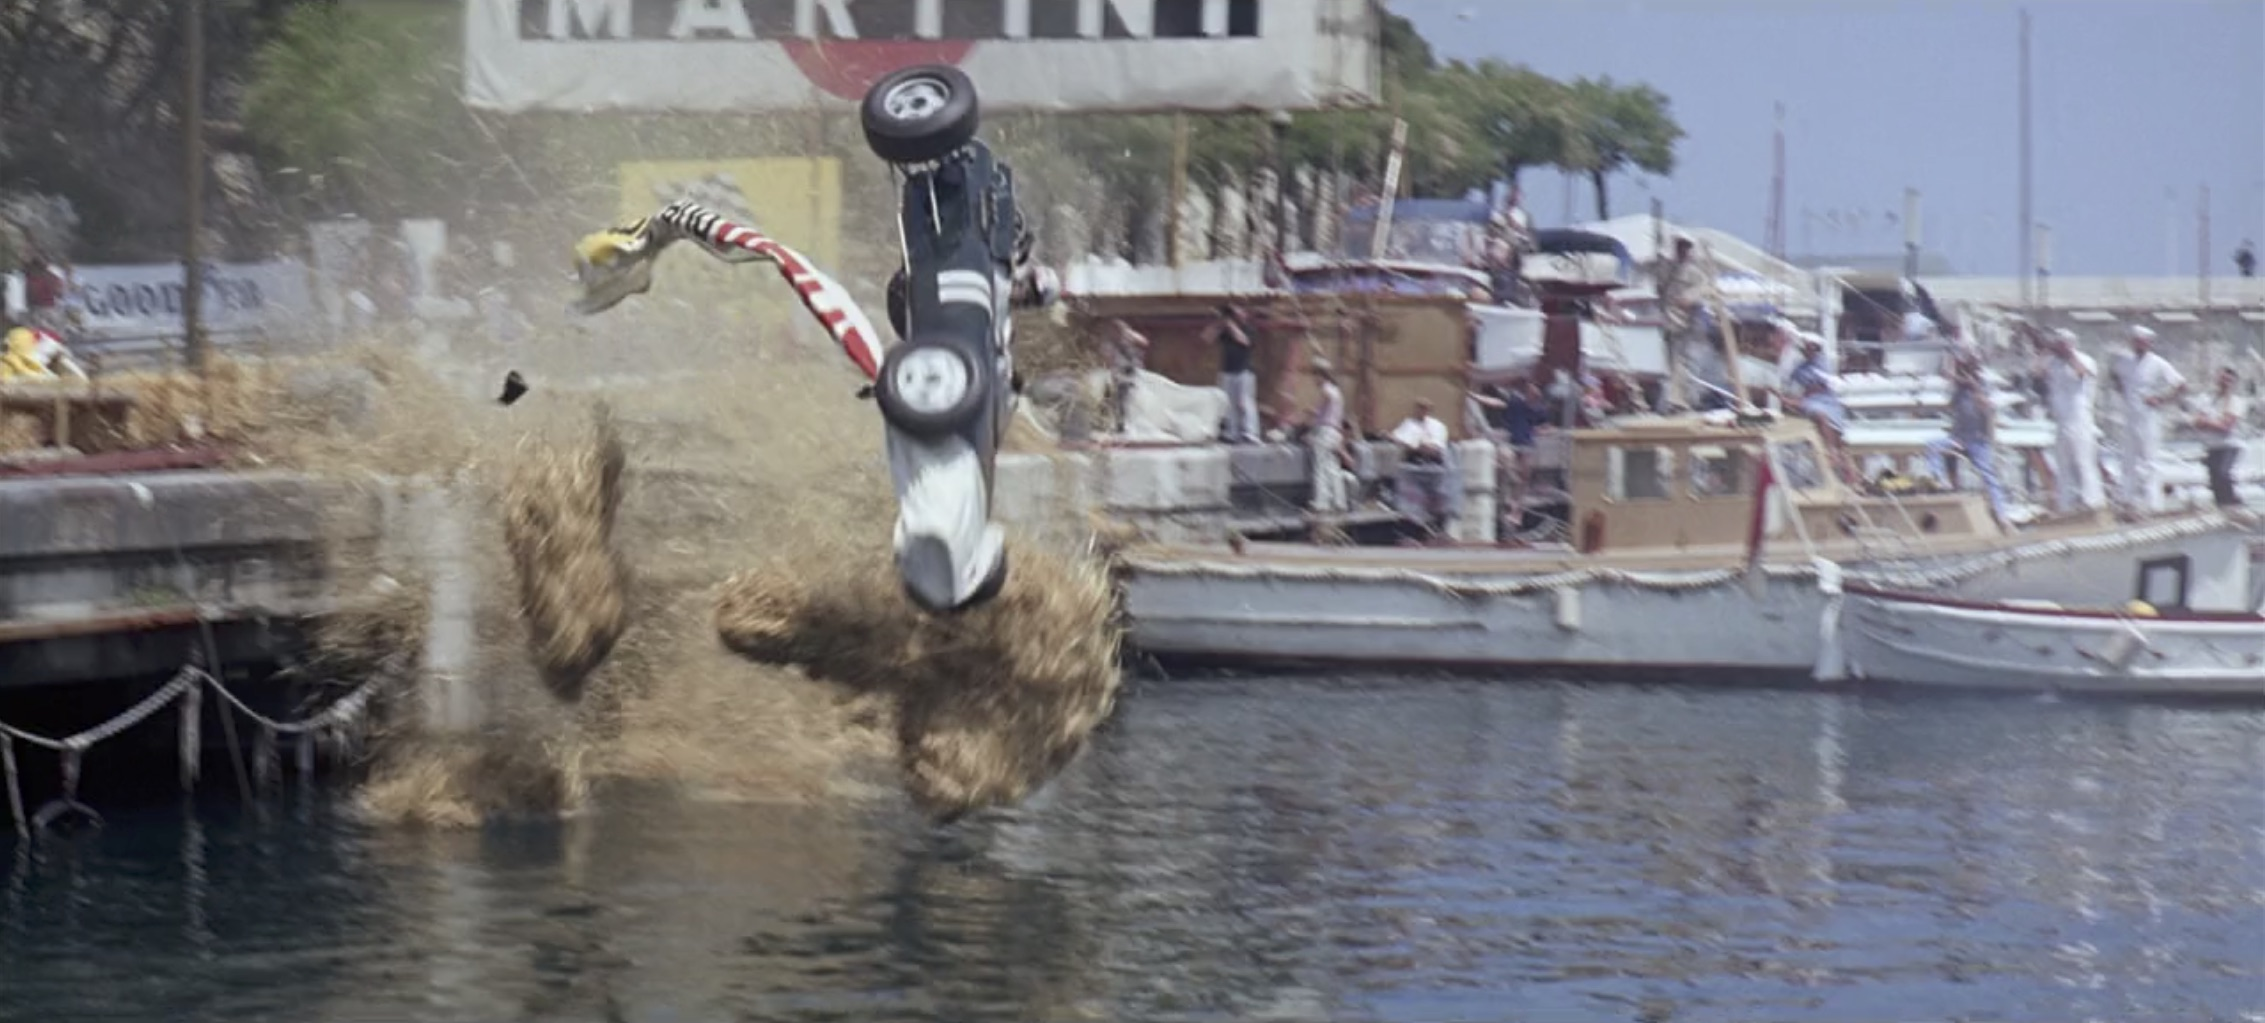 Grand Prix F1 Crash movie